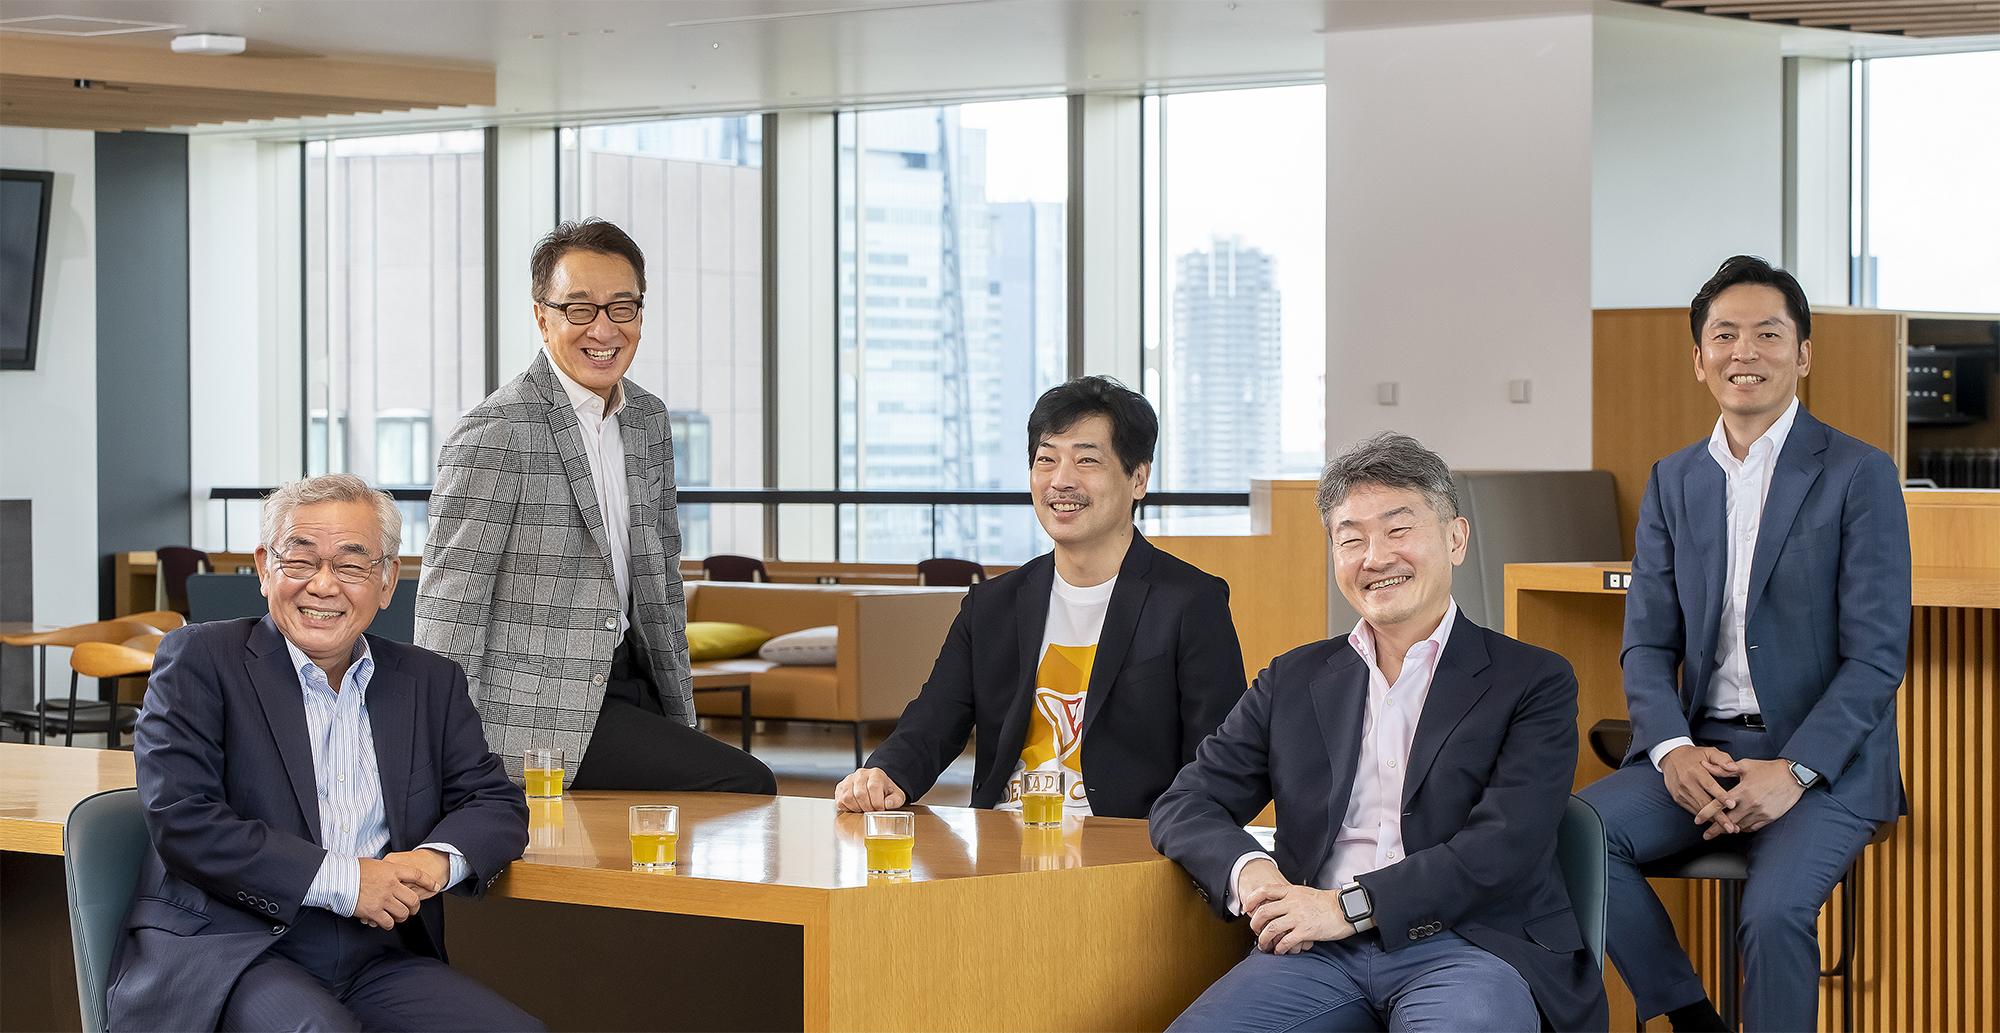 EYのテクノロジーコンサルティング部門の顧問に鈴鹿靖史氏、椎名茂氏が就任